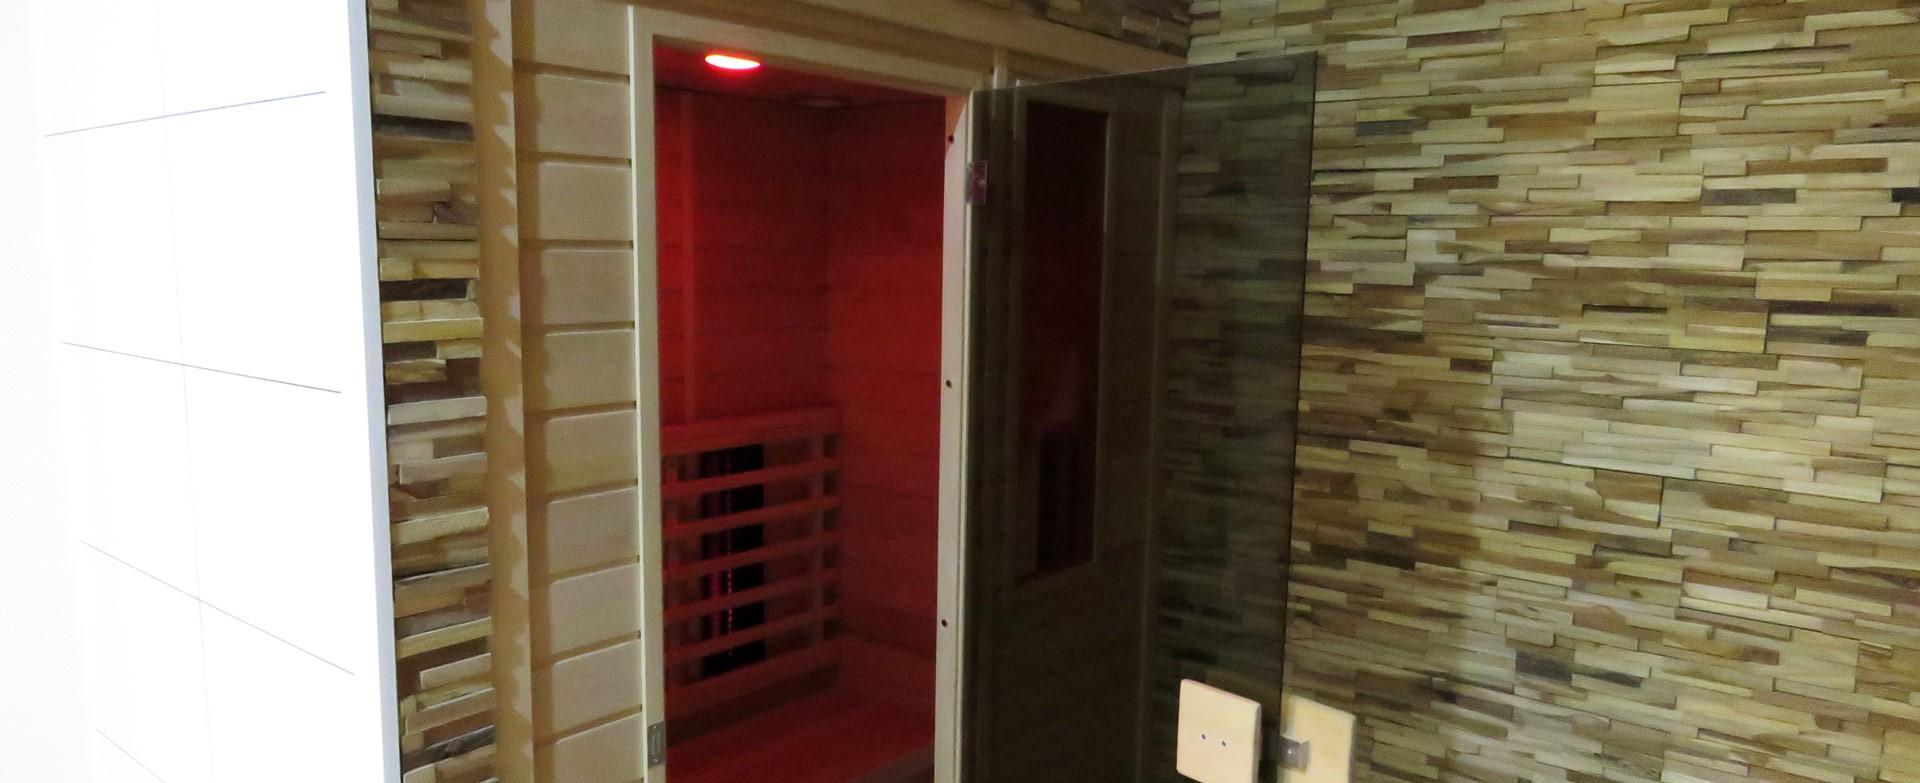 Infrarood sauna in een privé wellness